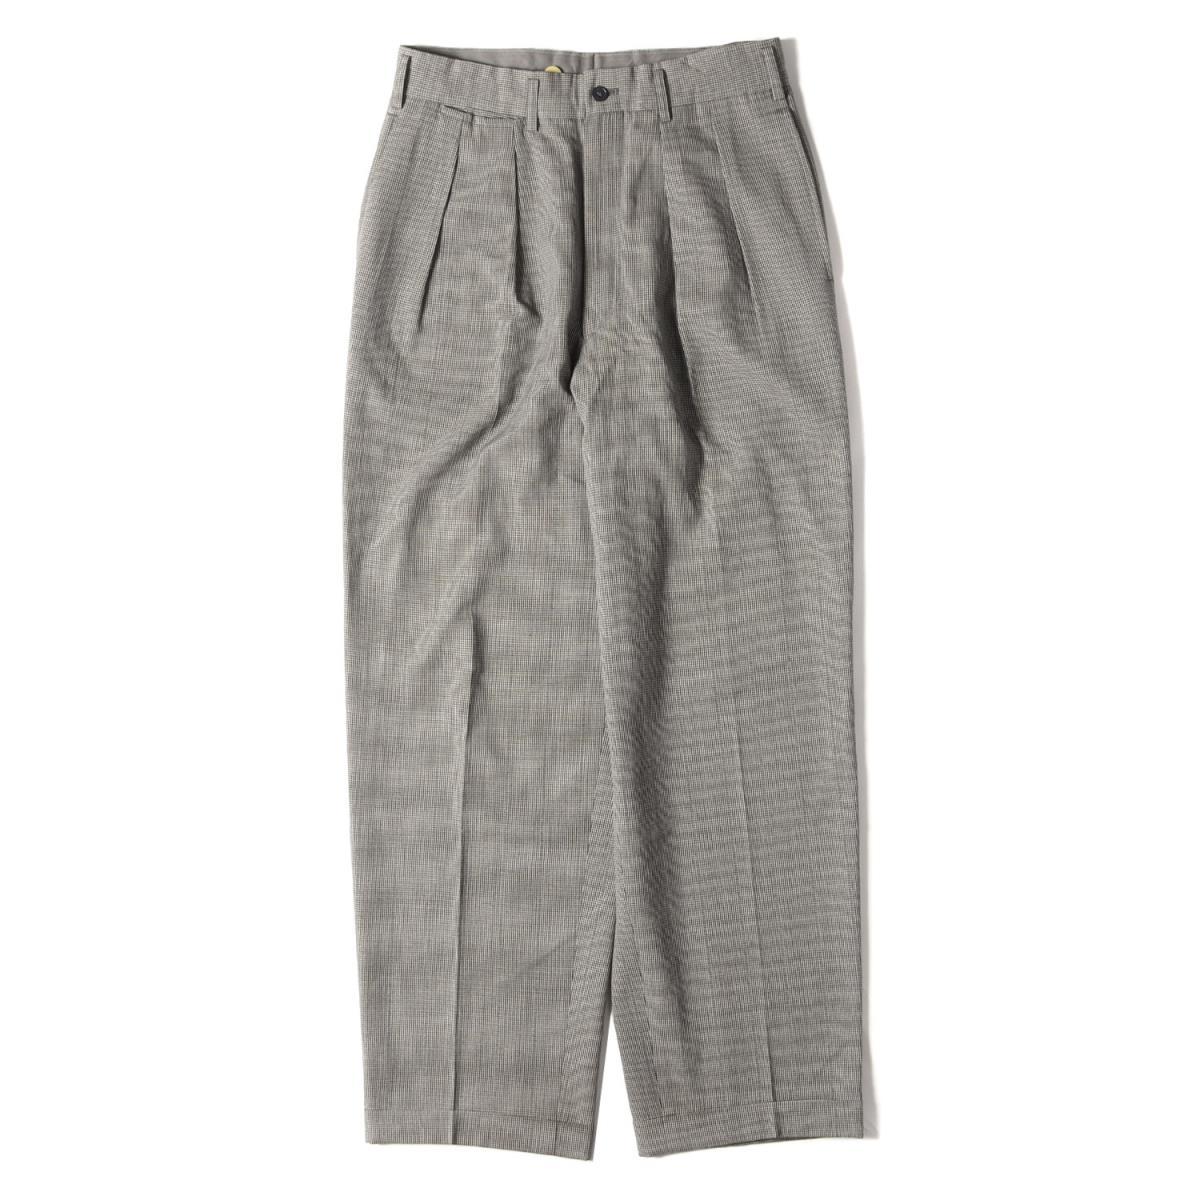 メンズファッション, ズボン・パンツ Yohji Yamamoto Ys 2 L.Q. Ys for men 90s M K3090